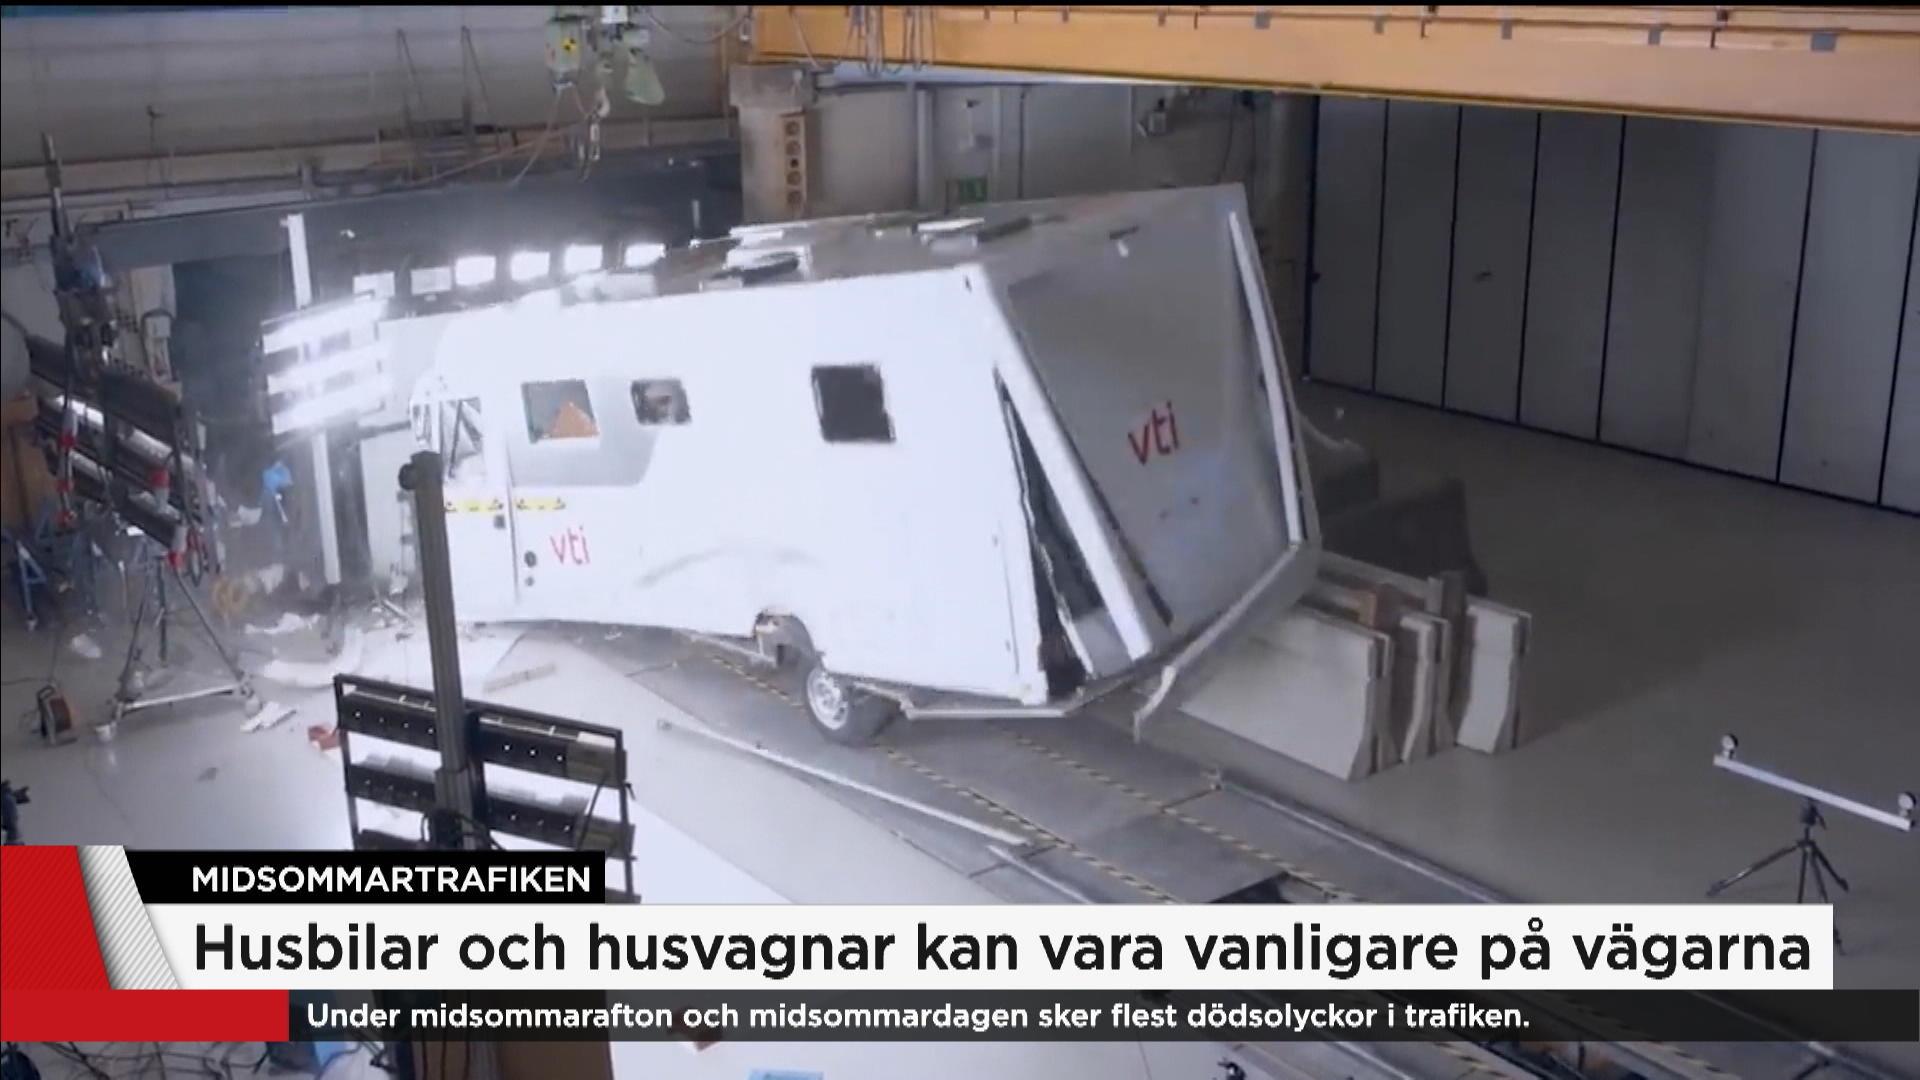 www.tv4.se